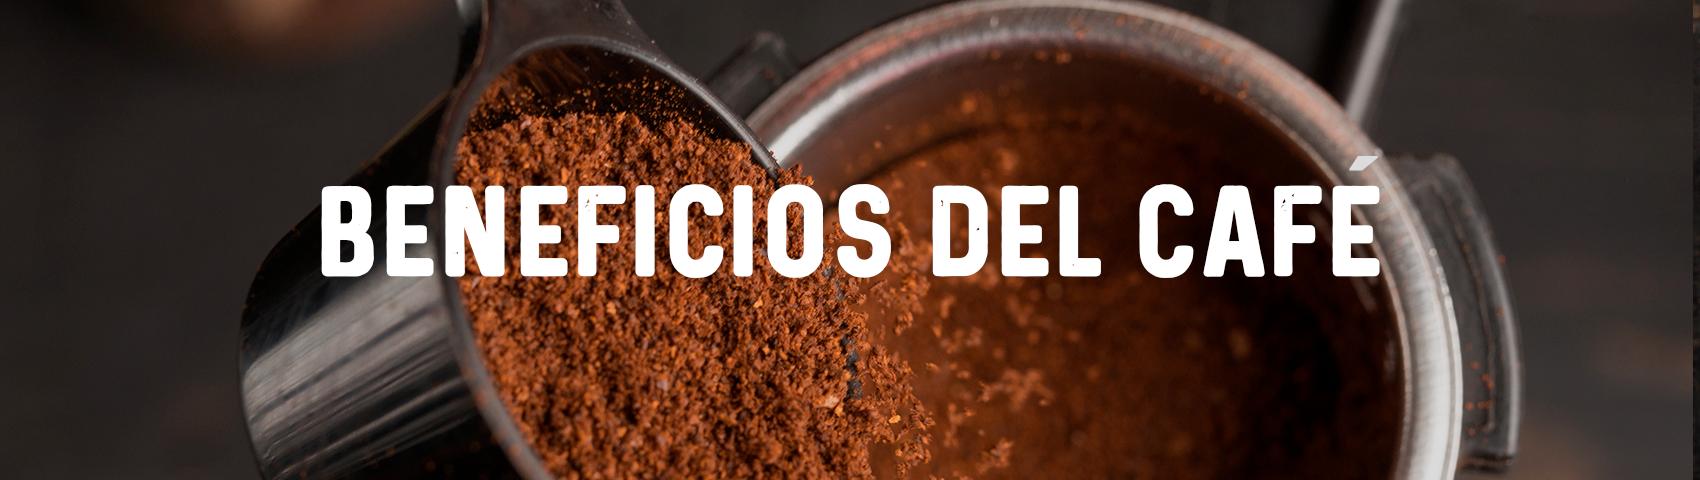 5 Beneficios Del Café Que Quizá No Conocías